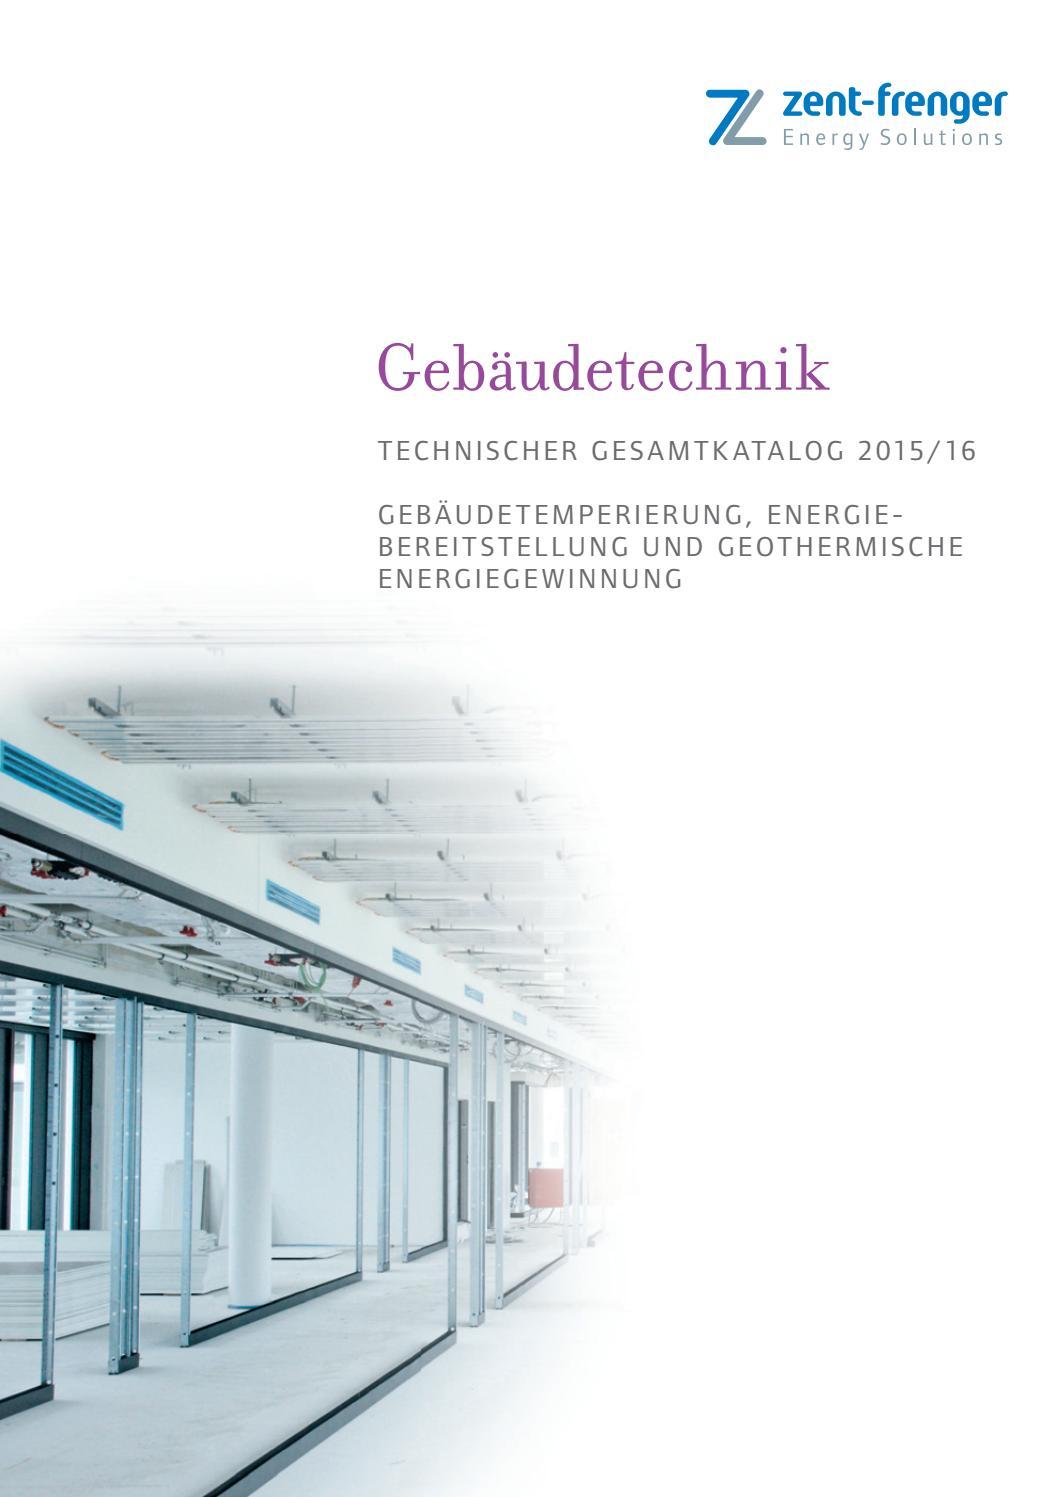 """2 Klemmringverschraubungen 15//1 mm x 3//4/"""" für Heizkreisverteiler Frei Haus"""